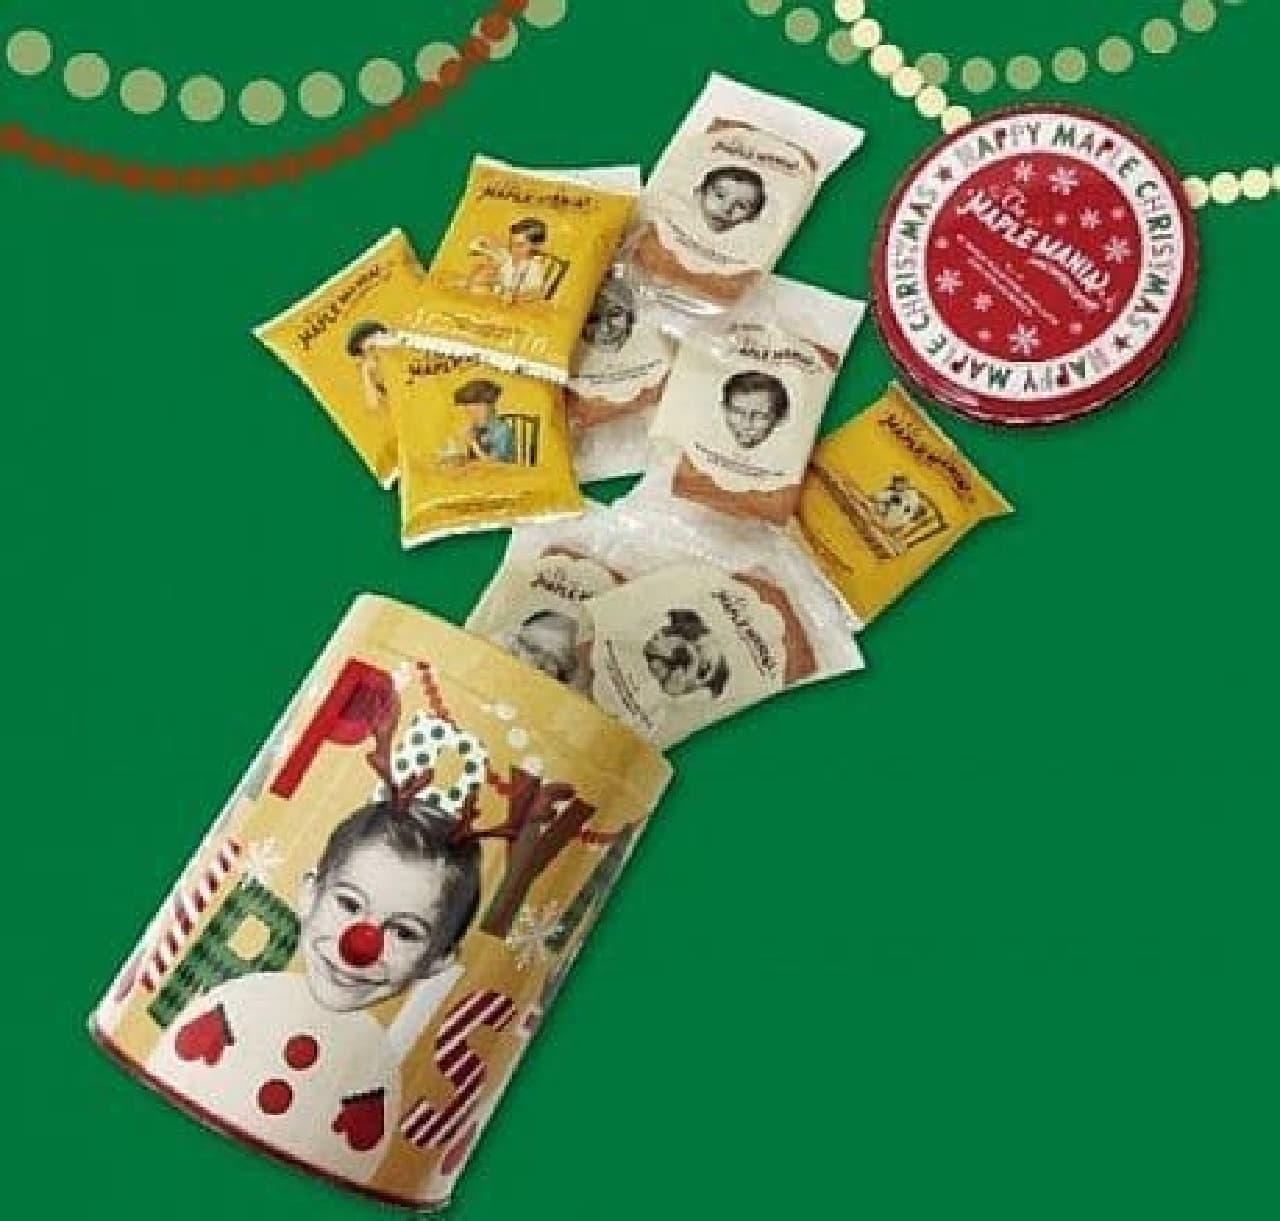 ザ・メープルマニア「メープルクリスマス缶」